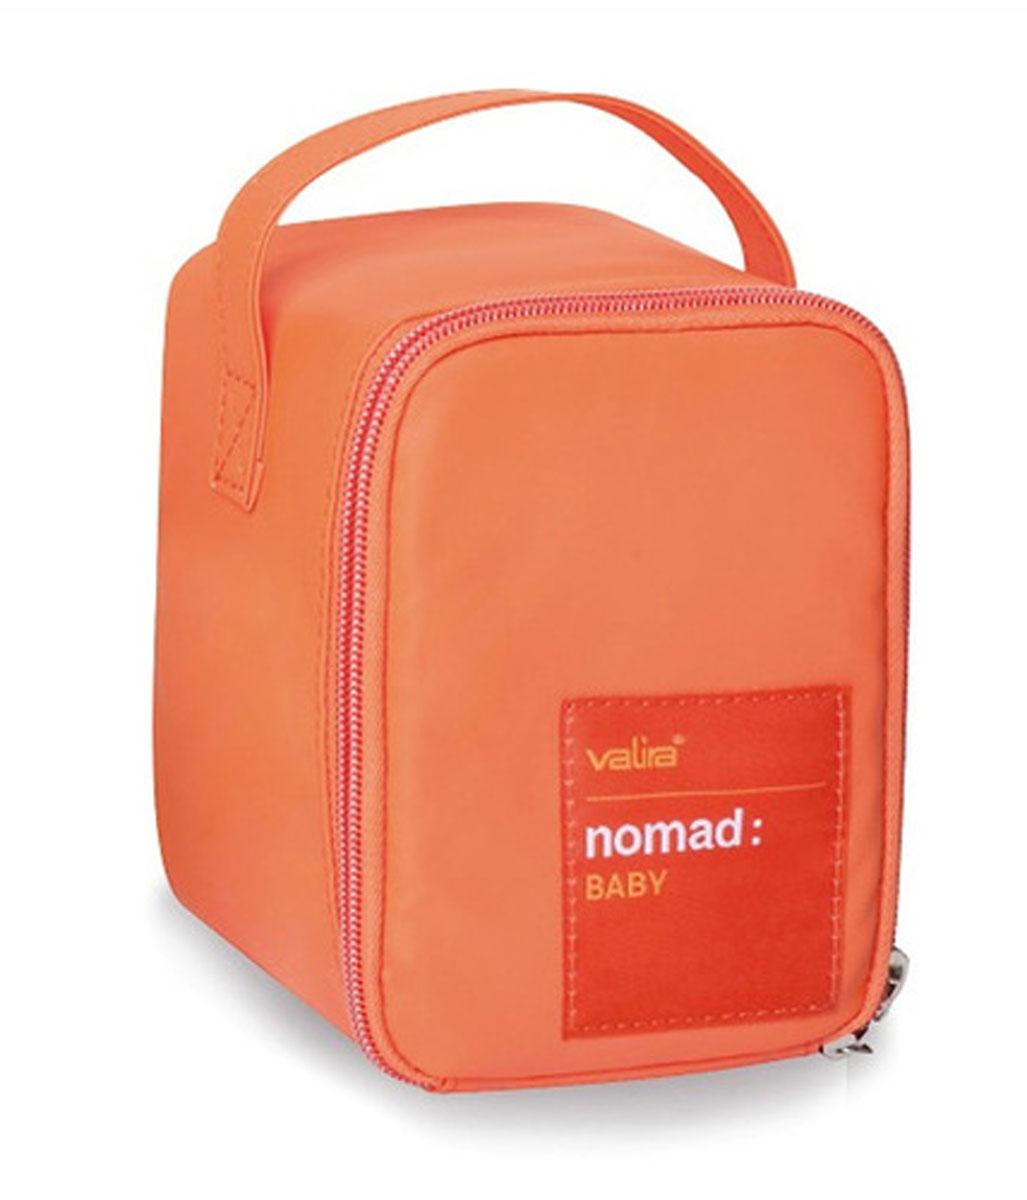 Сумка Valira, с контейнером, цвет: оранжевый, 0,4 л6031/149Удобная детская термосумка, в состав которой входит контейнер объемом 0,4л. Сохраняет температуру содержимого до 6 часов. Подходит для ежедневного использования дома, в школе, на секциях и т.д. Внешний материал гигиеничный и непромокаемый. Внутренний материал предназначен для легкого и удобного ухода за сумкой. Имеет боковую ручку для удобства переноски. Есть специальный кармашек для столовых приборов. Контейнер (0,4л), входящий в набор, изготовлен из керамического пластика, 100% герметичен и водонепроницаемы, с удобными защёлками и надёжной изолирующей прокладкой. Контейнер можно использовать для разогревания пищи в микроволновой печи.